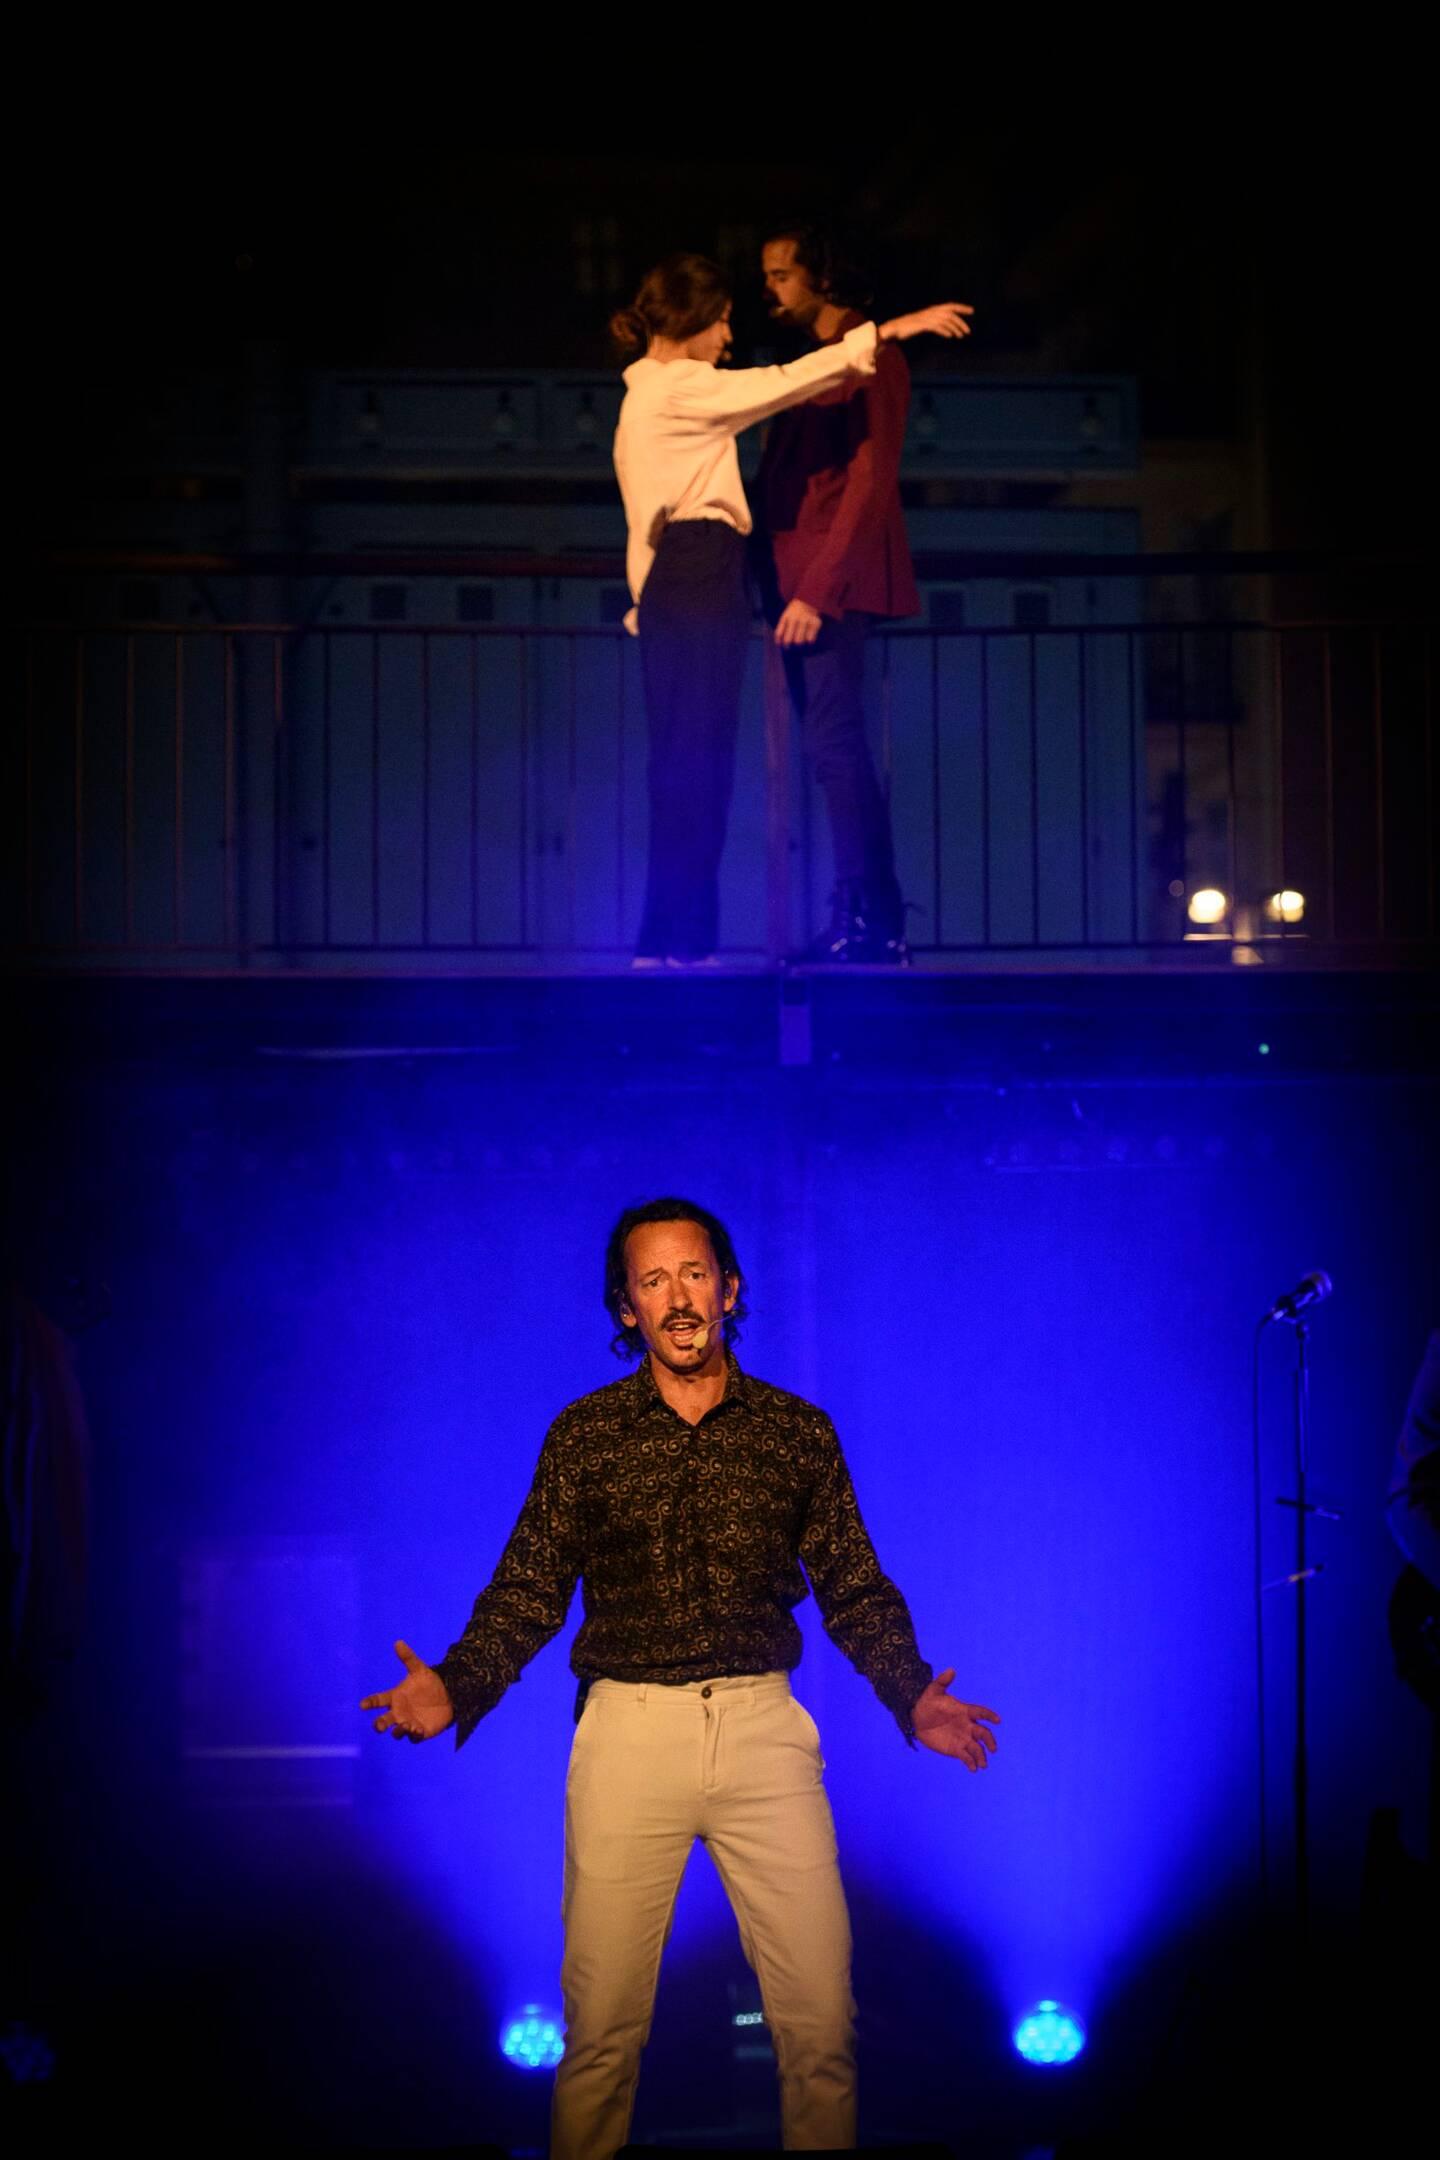 Cyrano chantera son amour pour Roxane jusqu'au 26 juin sur le port de Nice.